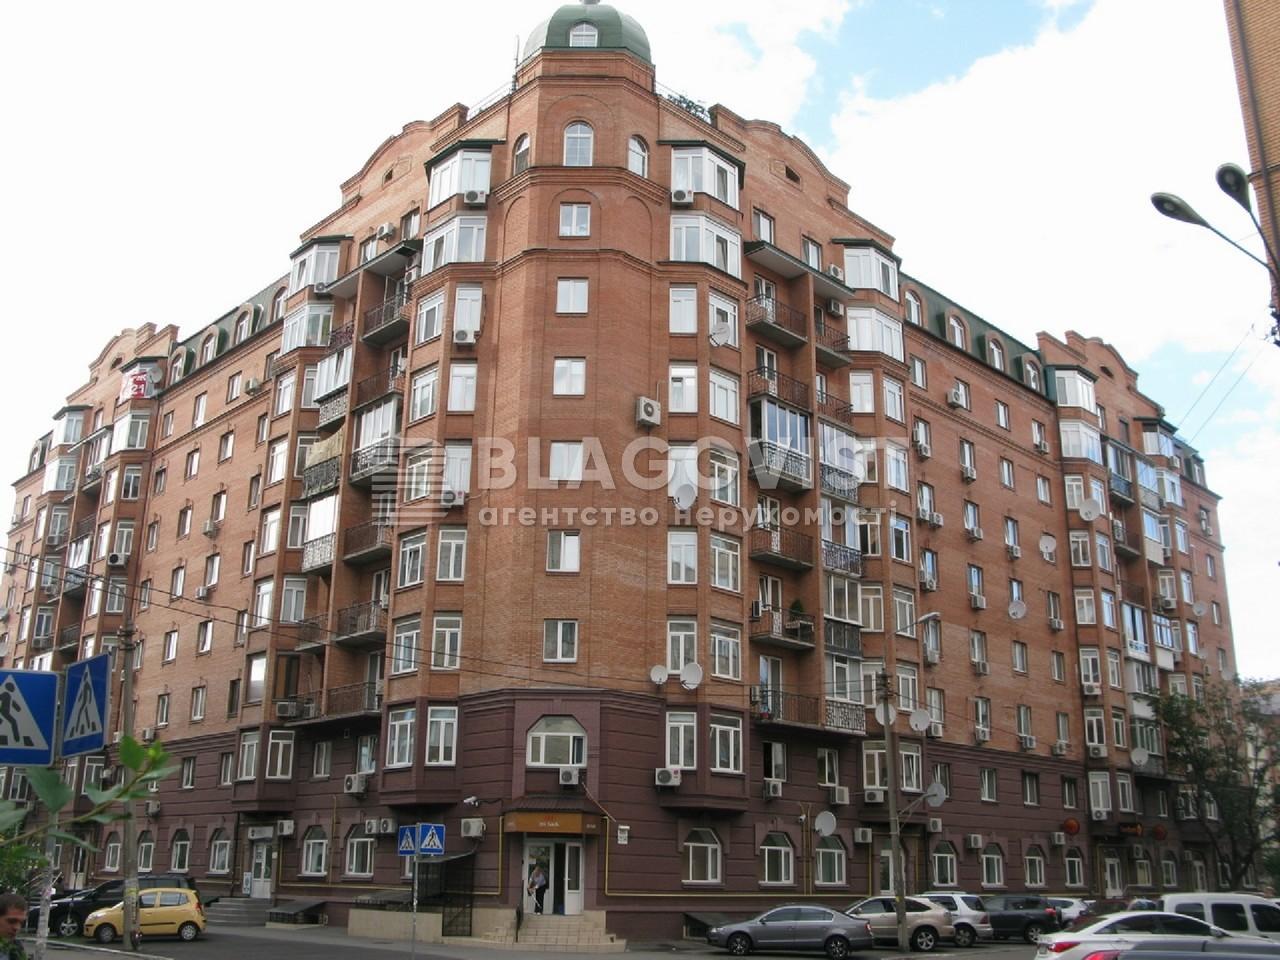 Квартира F-37453, Введенская, 29/58, Киев - Фото 2